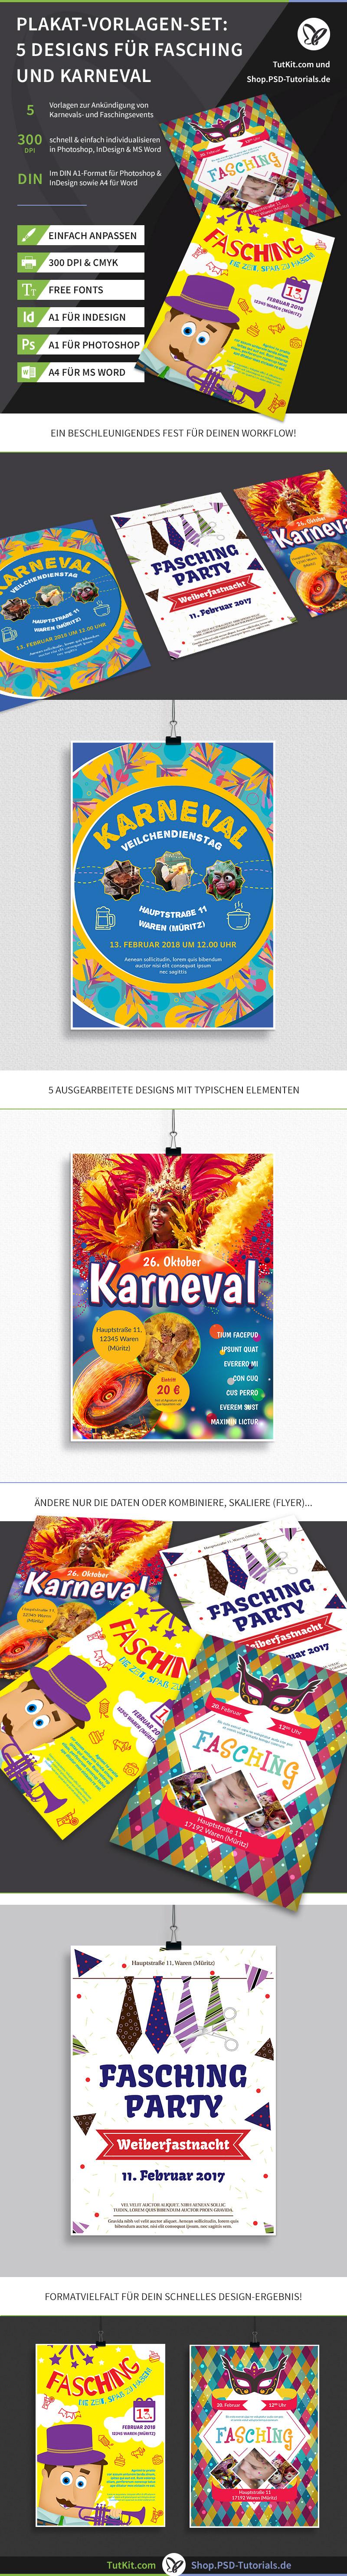 Überblick über die Plakat- und Flyer-Vorlagen für Karneval und Fasching